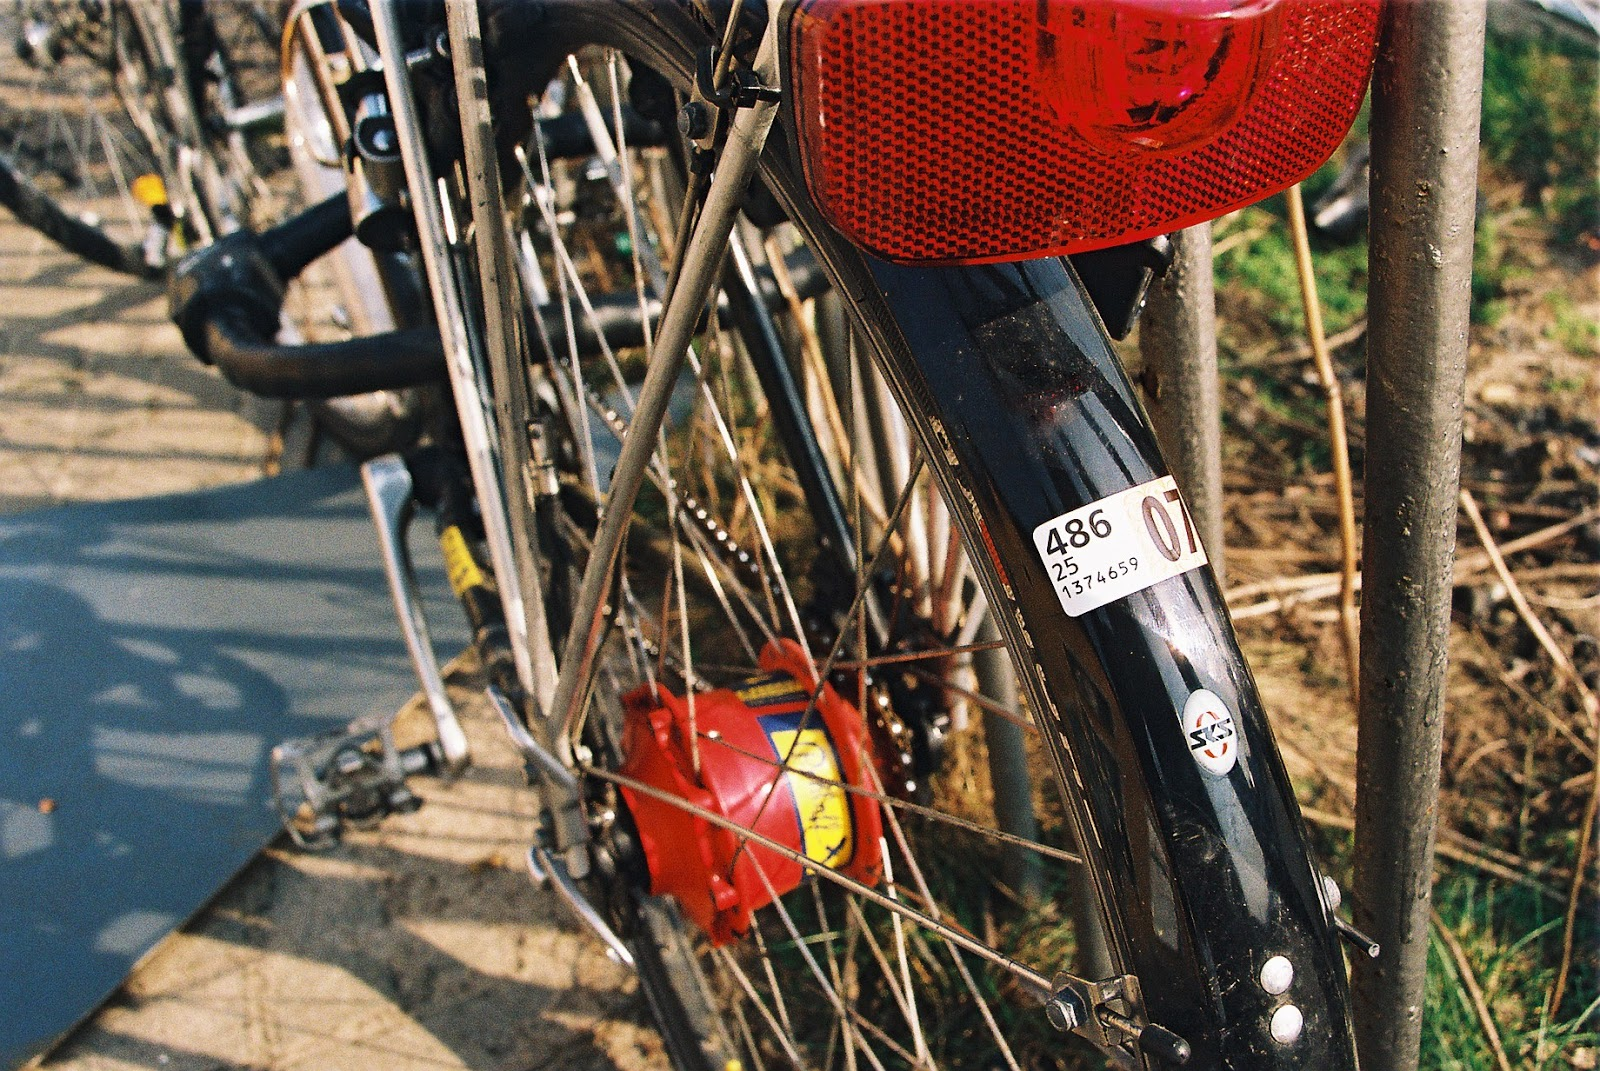 Führerscheinpflicht und Kennzeichen für Radfahrer: Warum dies sinnbefreit ist und was sinnvoller wäre